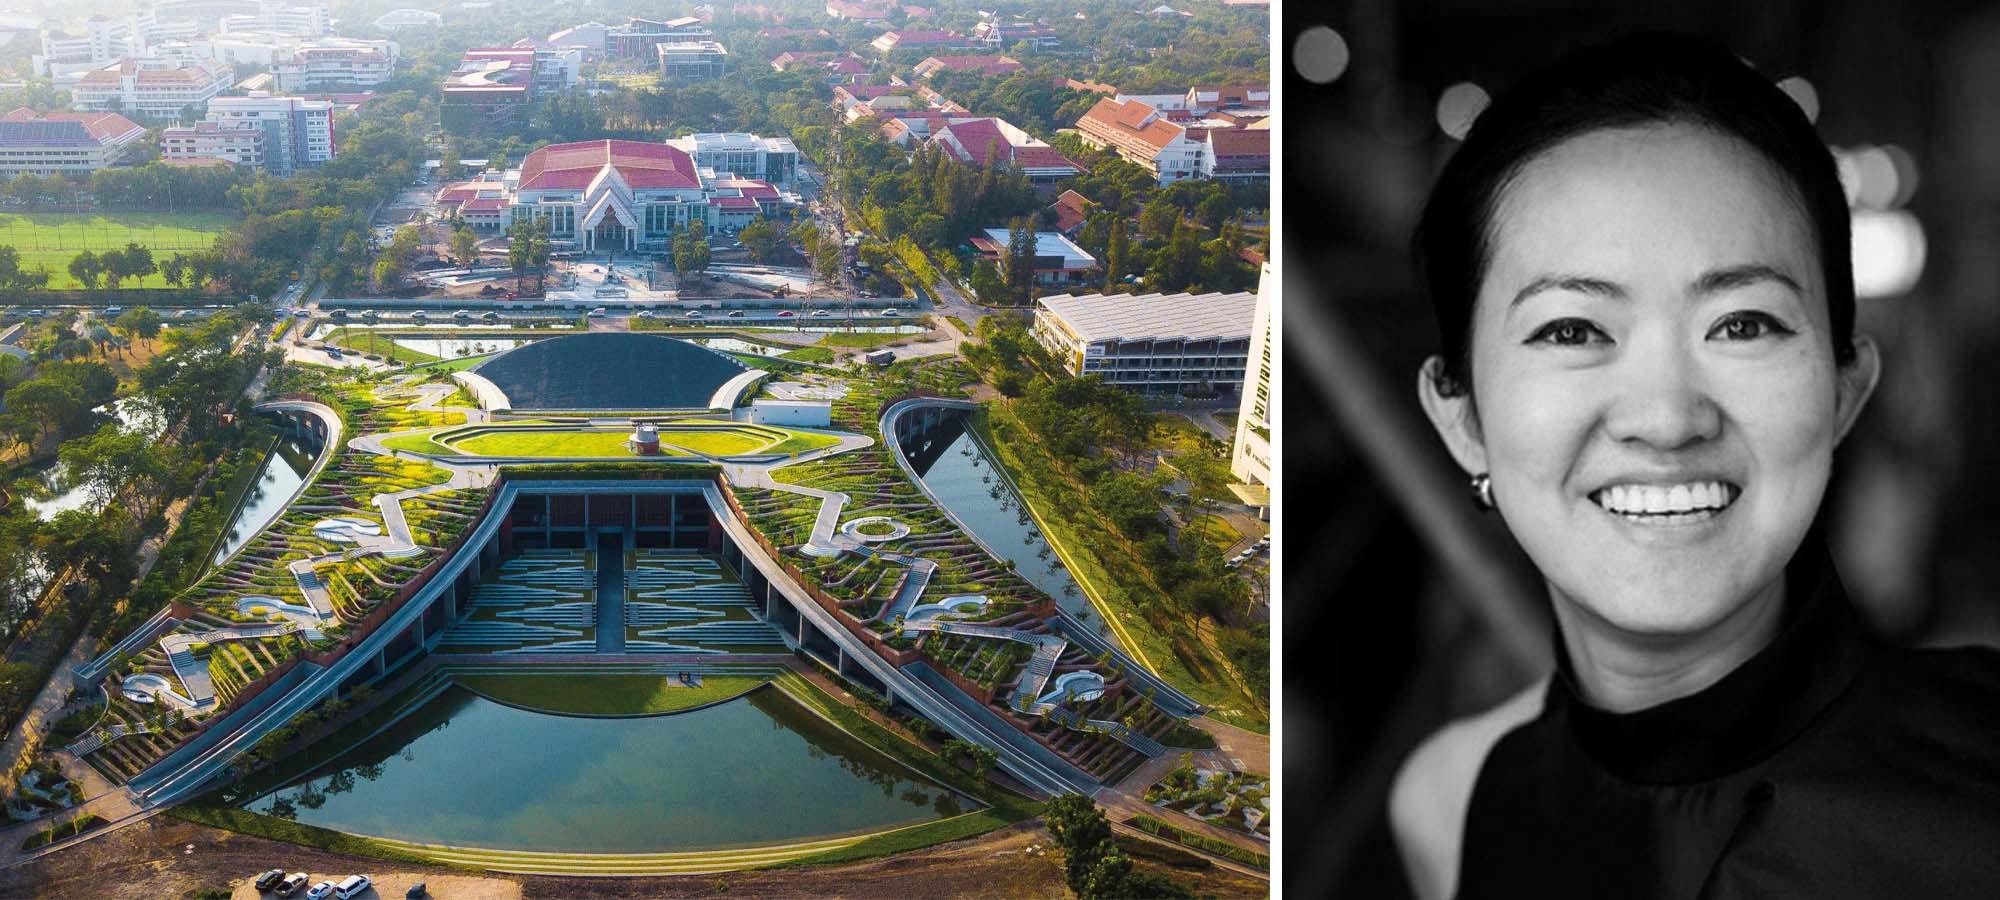 Bên trái: Trang trại Đô thị trên Sân thượng của Đại học Thammasat, Tambon Khlong Nung, Thái Lan, Giải thưởng A + Dự án của năm và Người chiến thắng của Ban giám khảo & Người được yêu thích trong hạng mục Công viên; Phải: Kotchakorn Voraakhom qua Suy nghĩ lại về Tương lai